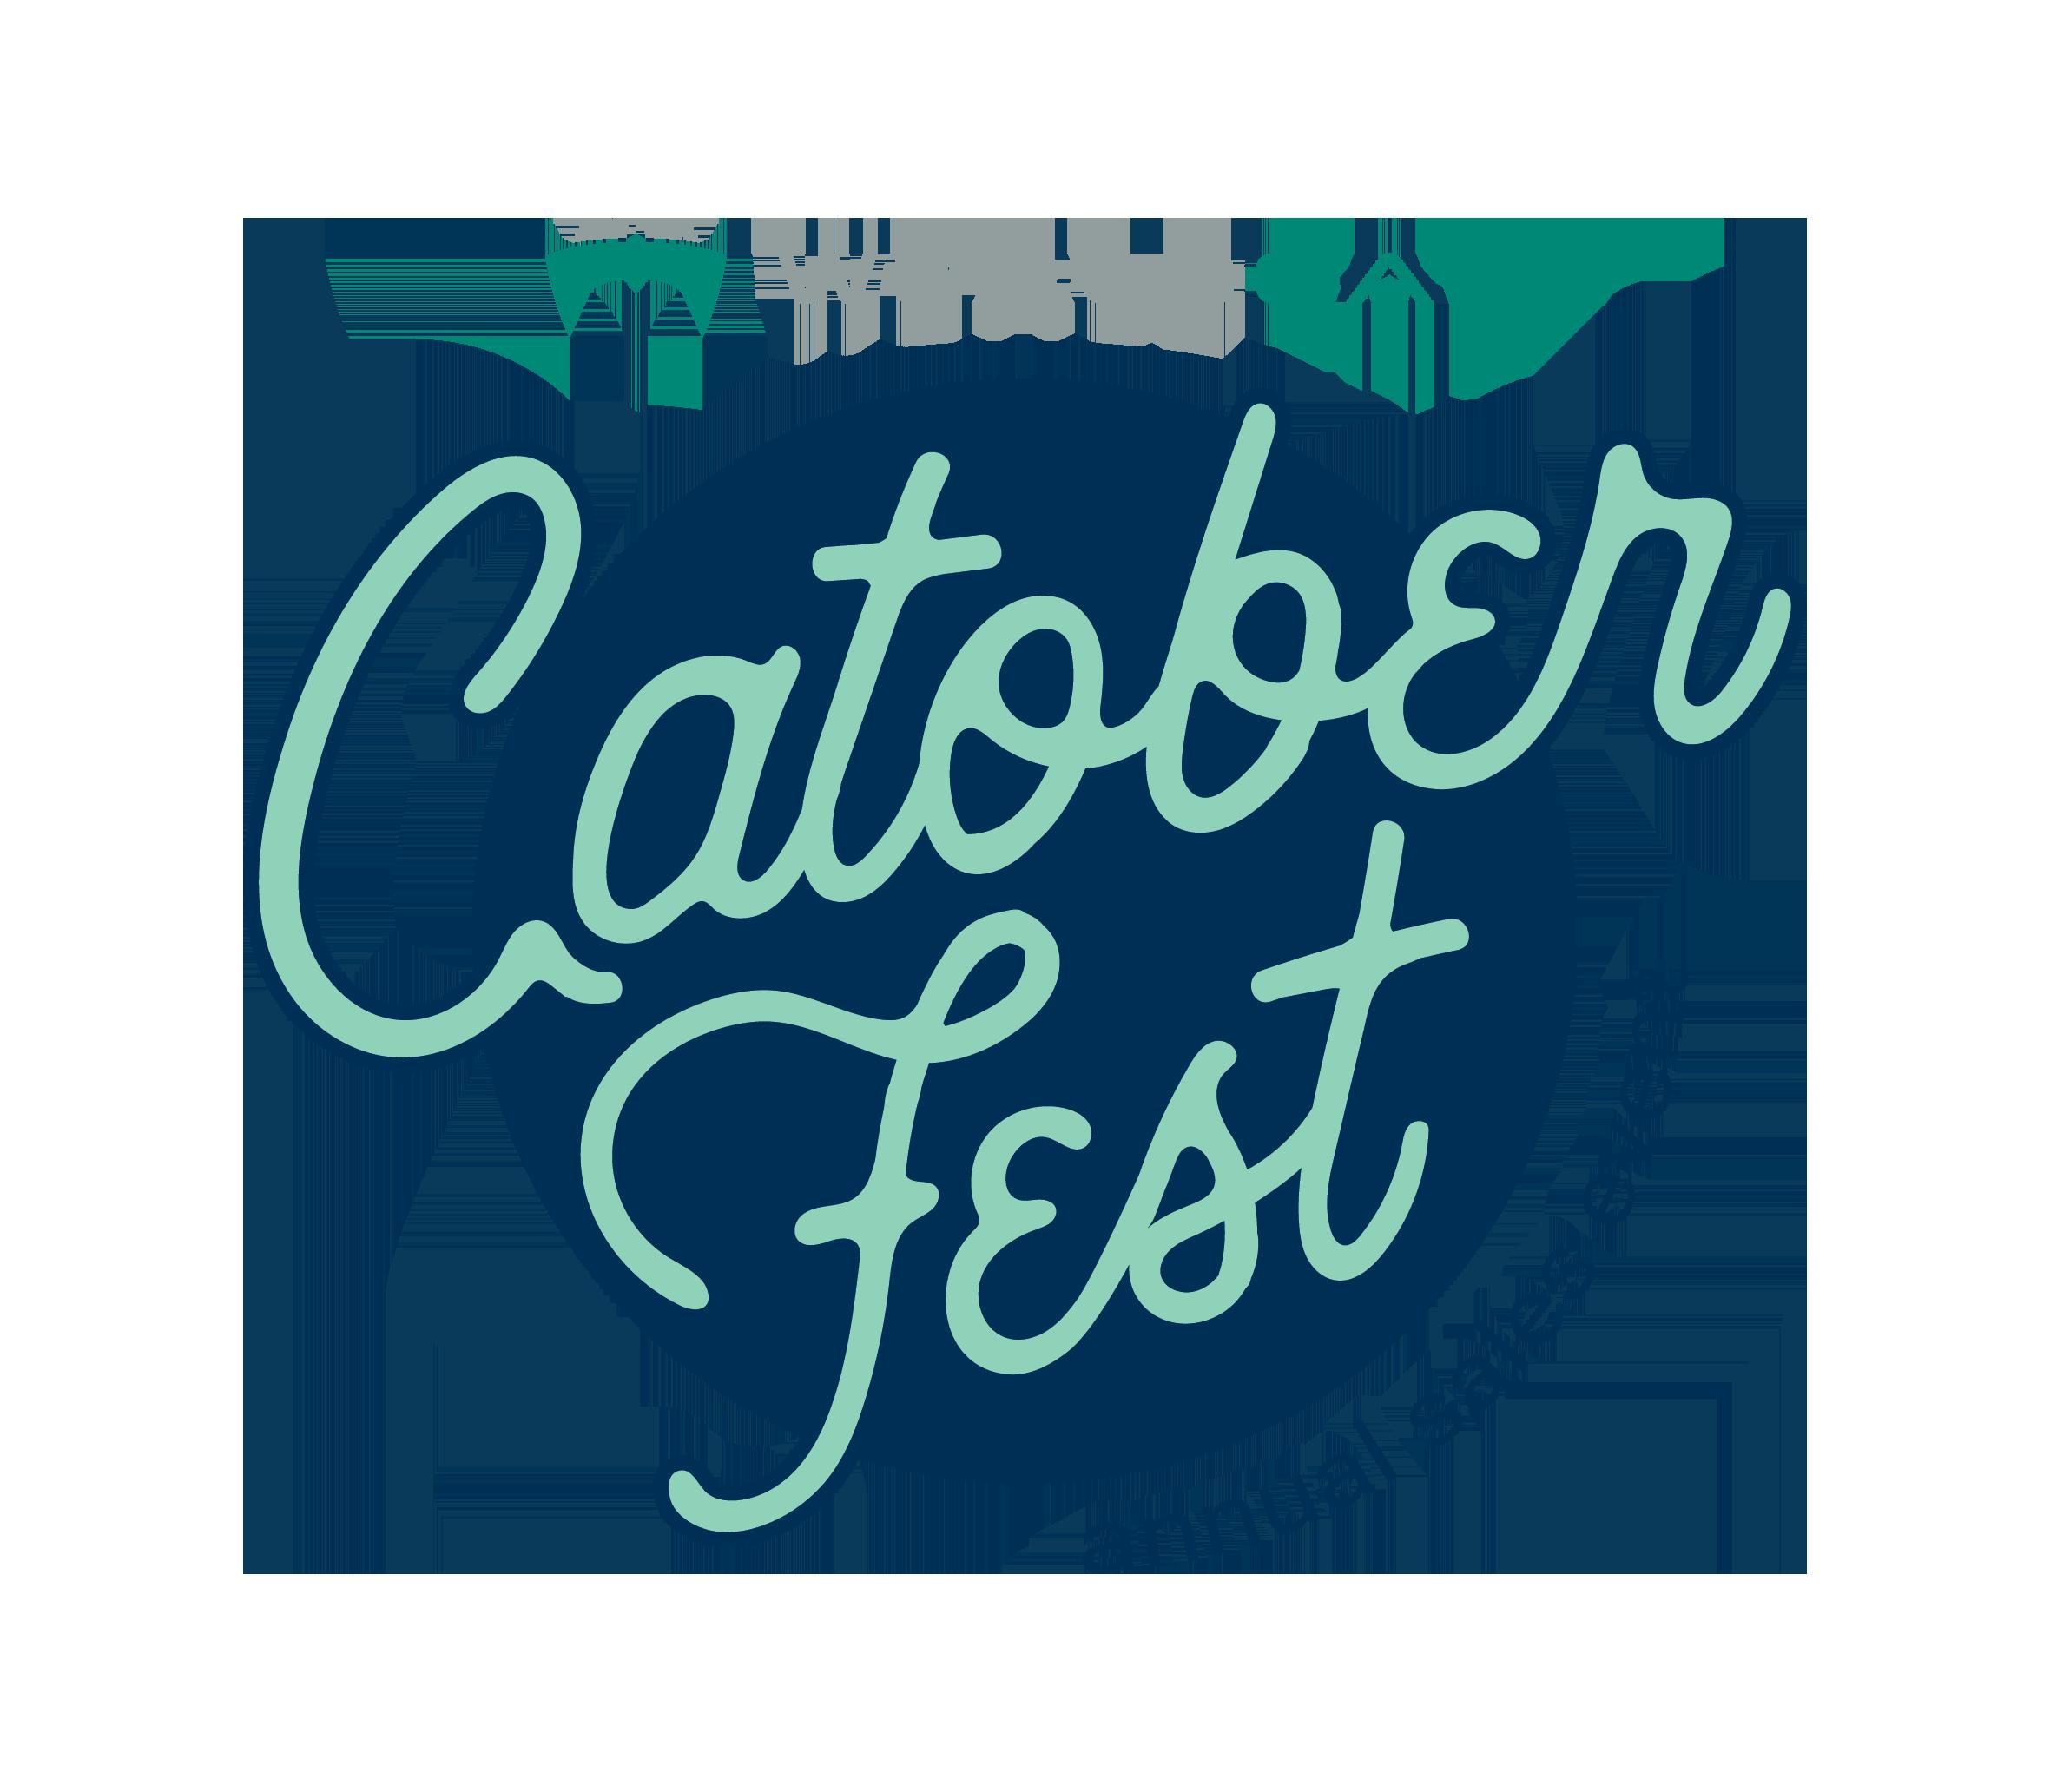 Catober Fest